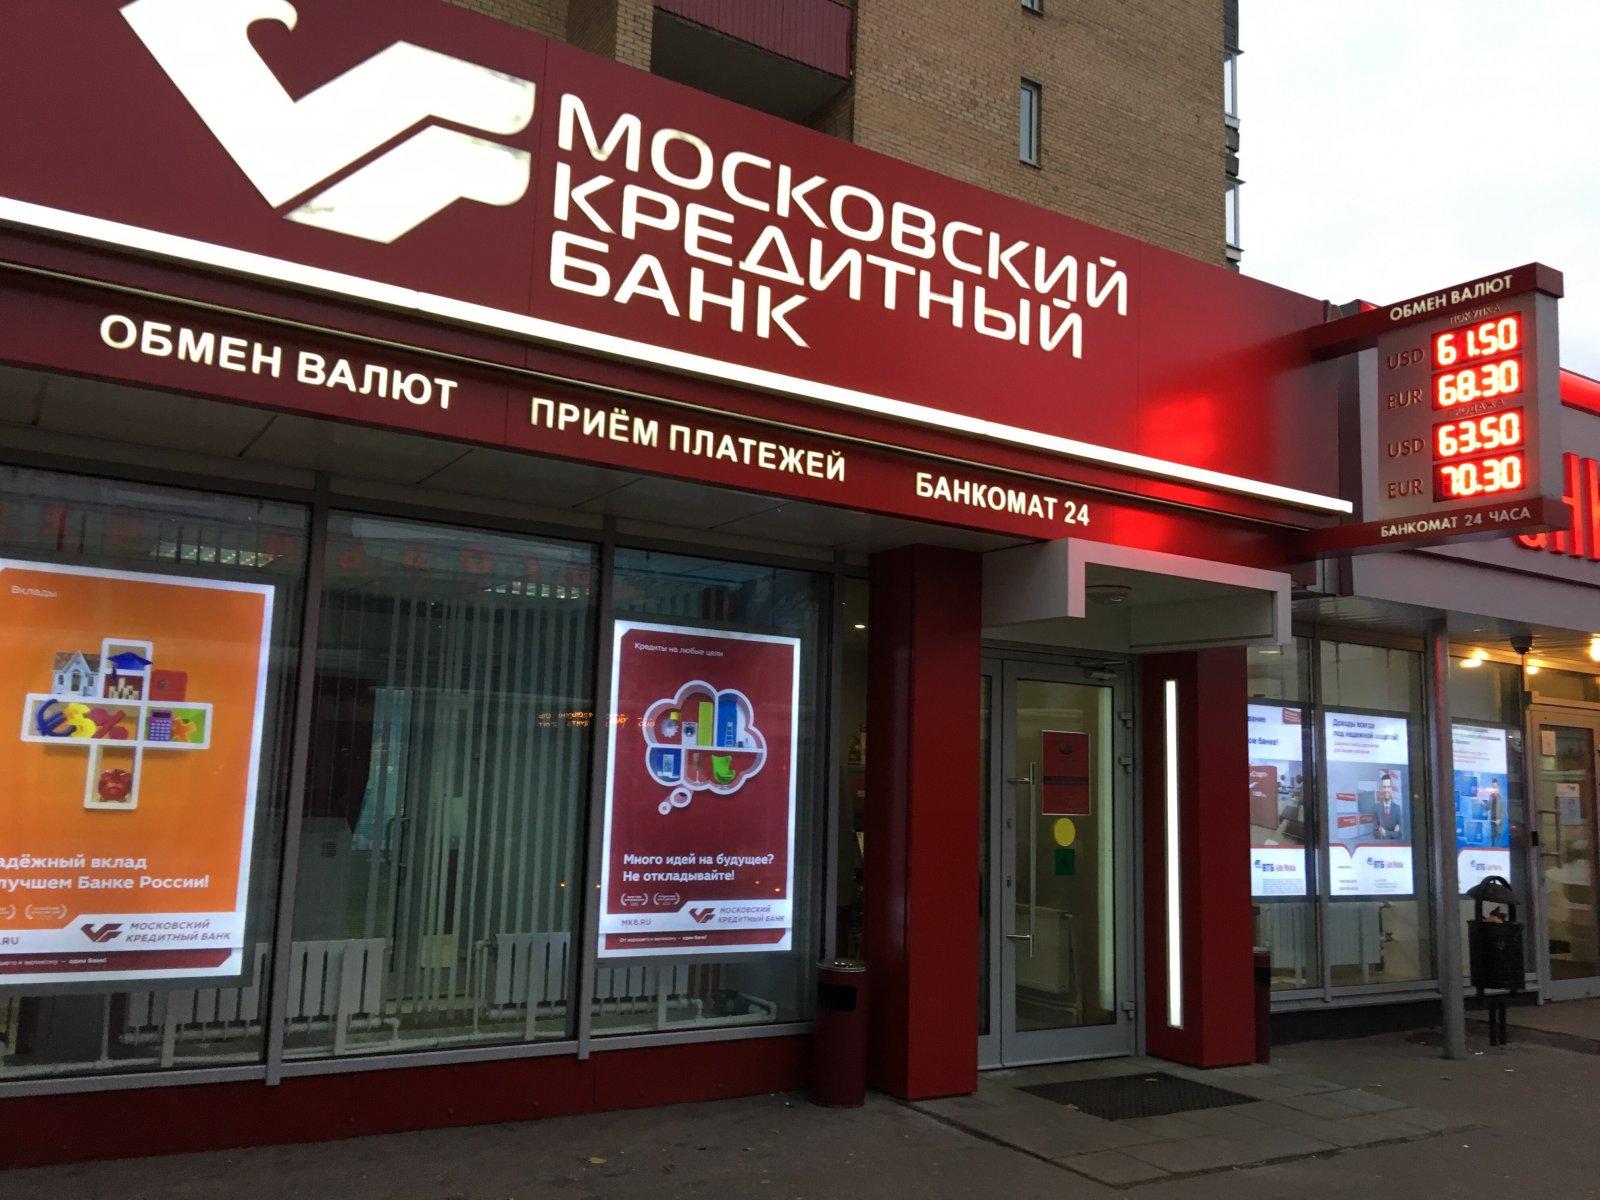 МКБ банк - рефинансирование кредитов физическим лицам